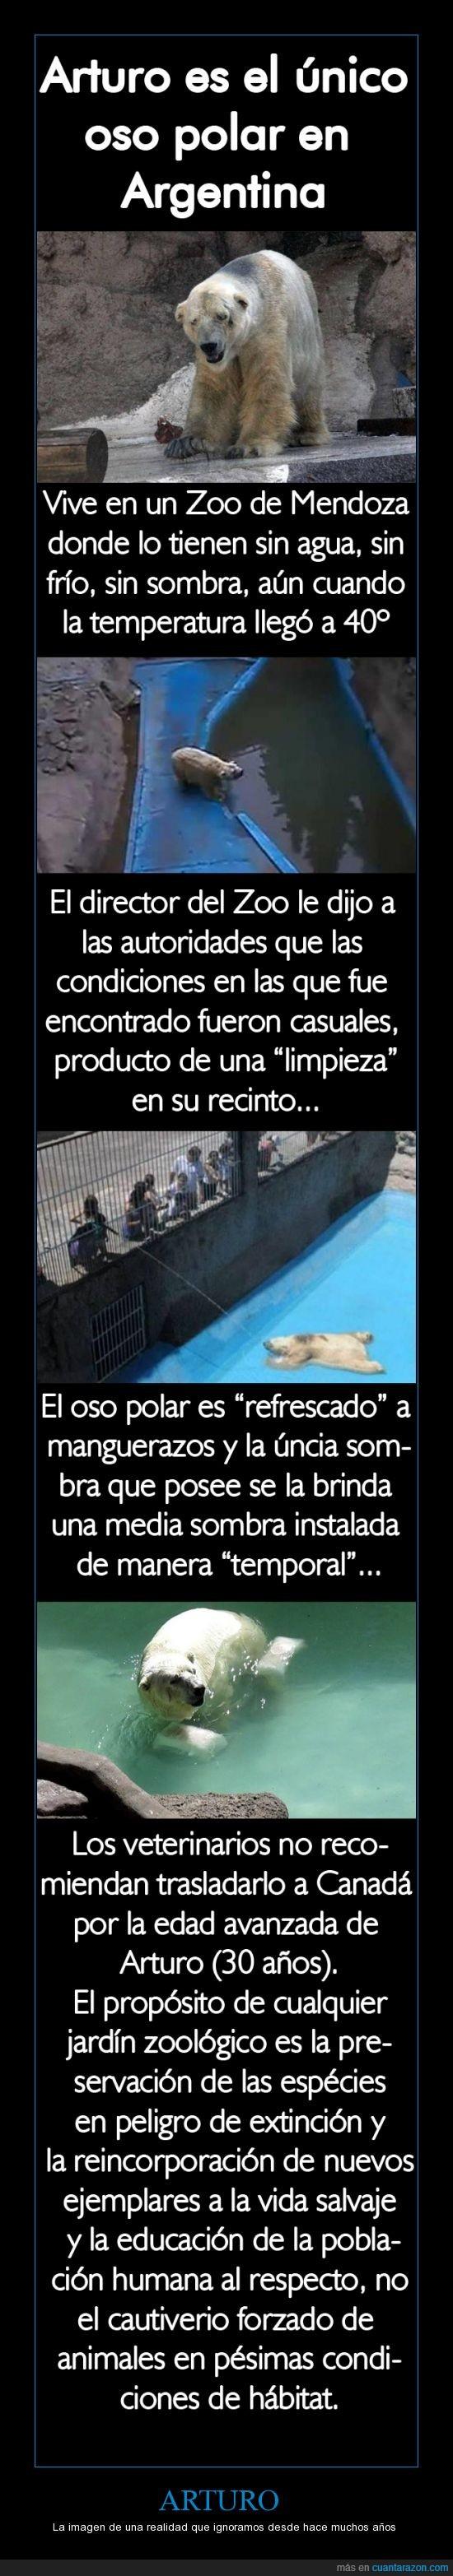 Argentina,Arturo,Condiciones Horribles,Controlemos más los zoológicos,Mendoza,No tiene Polo,Oso Polar,Zoológico